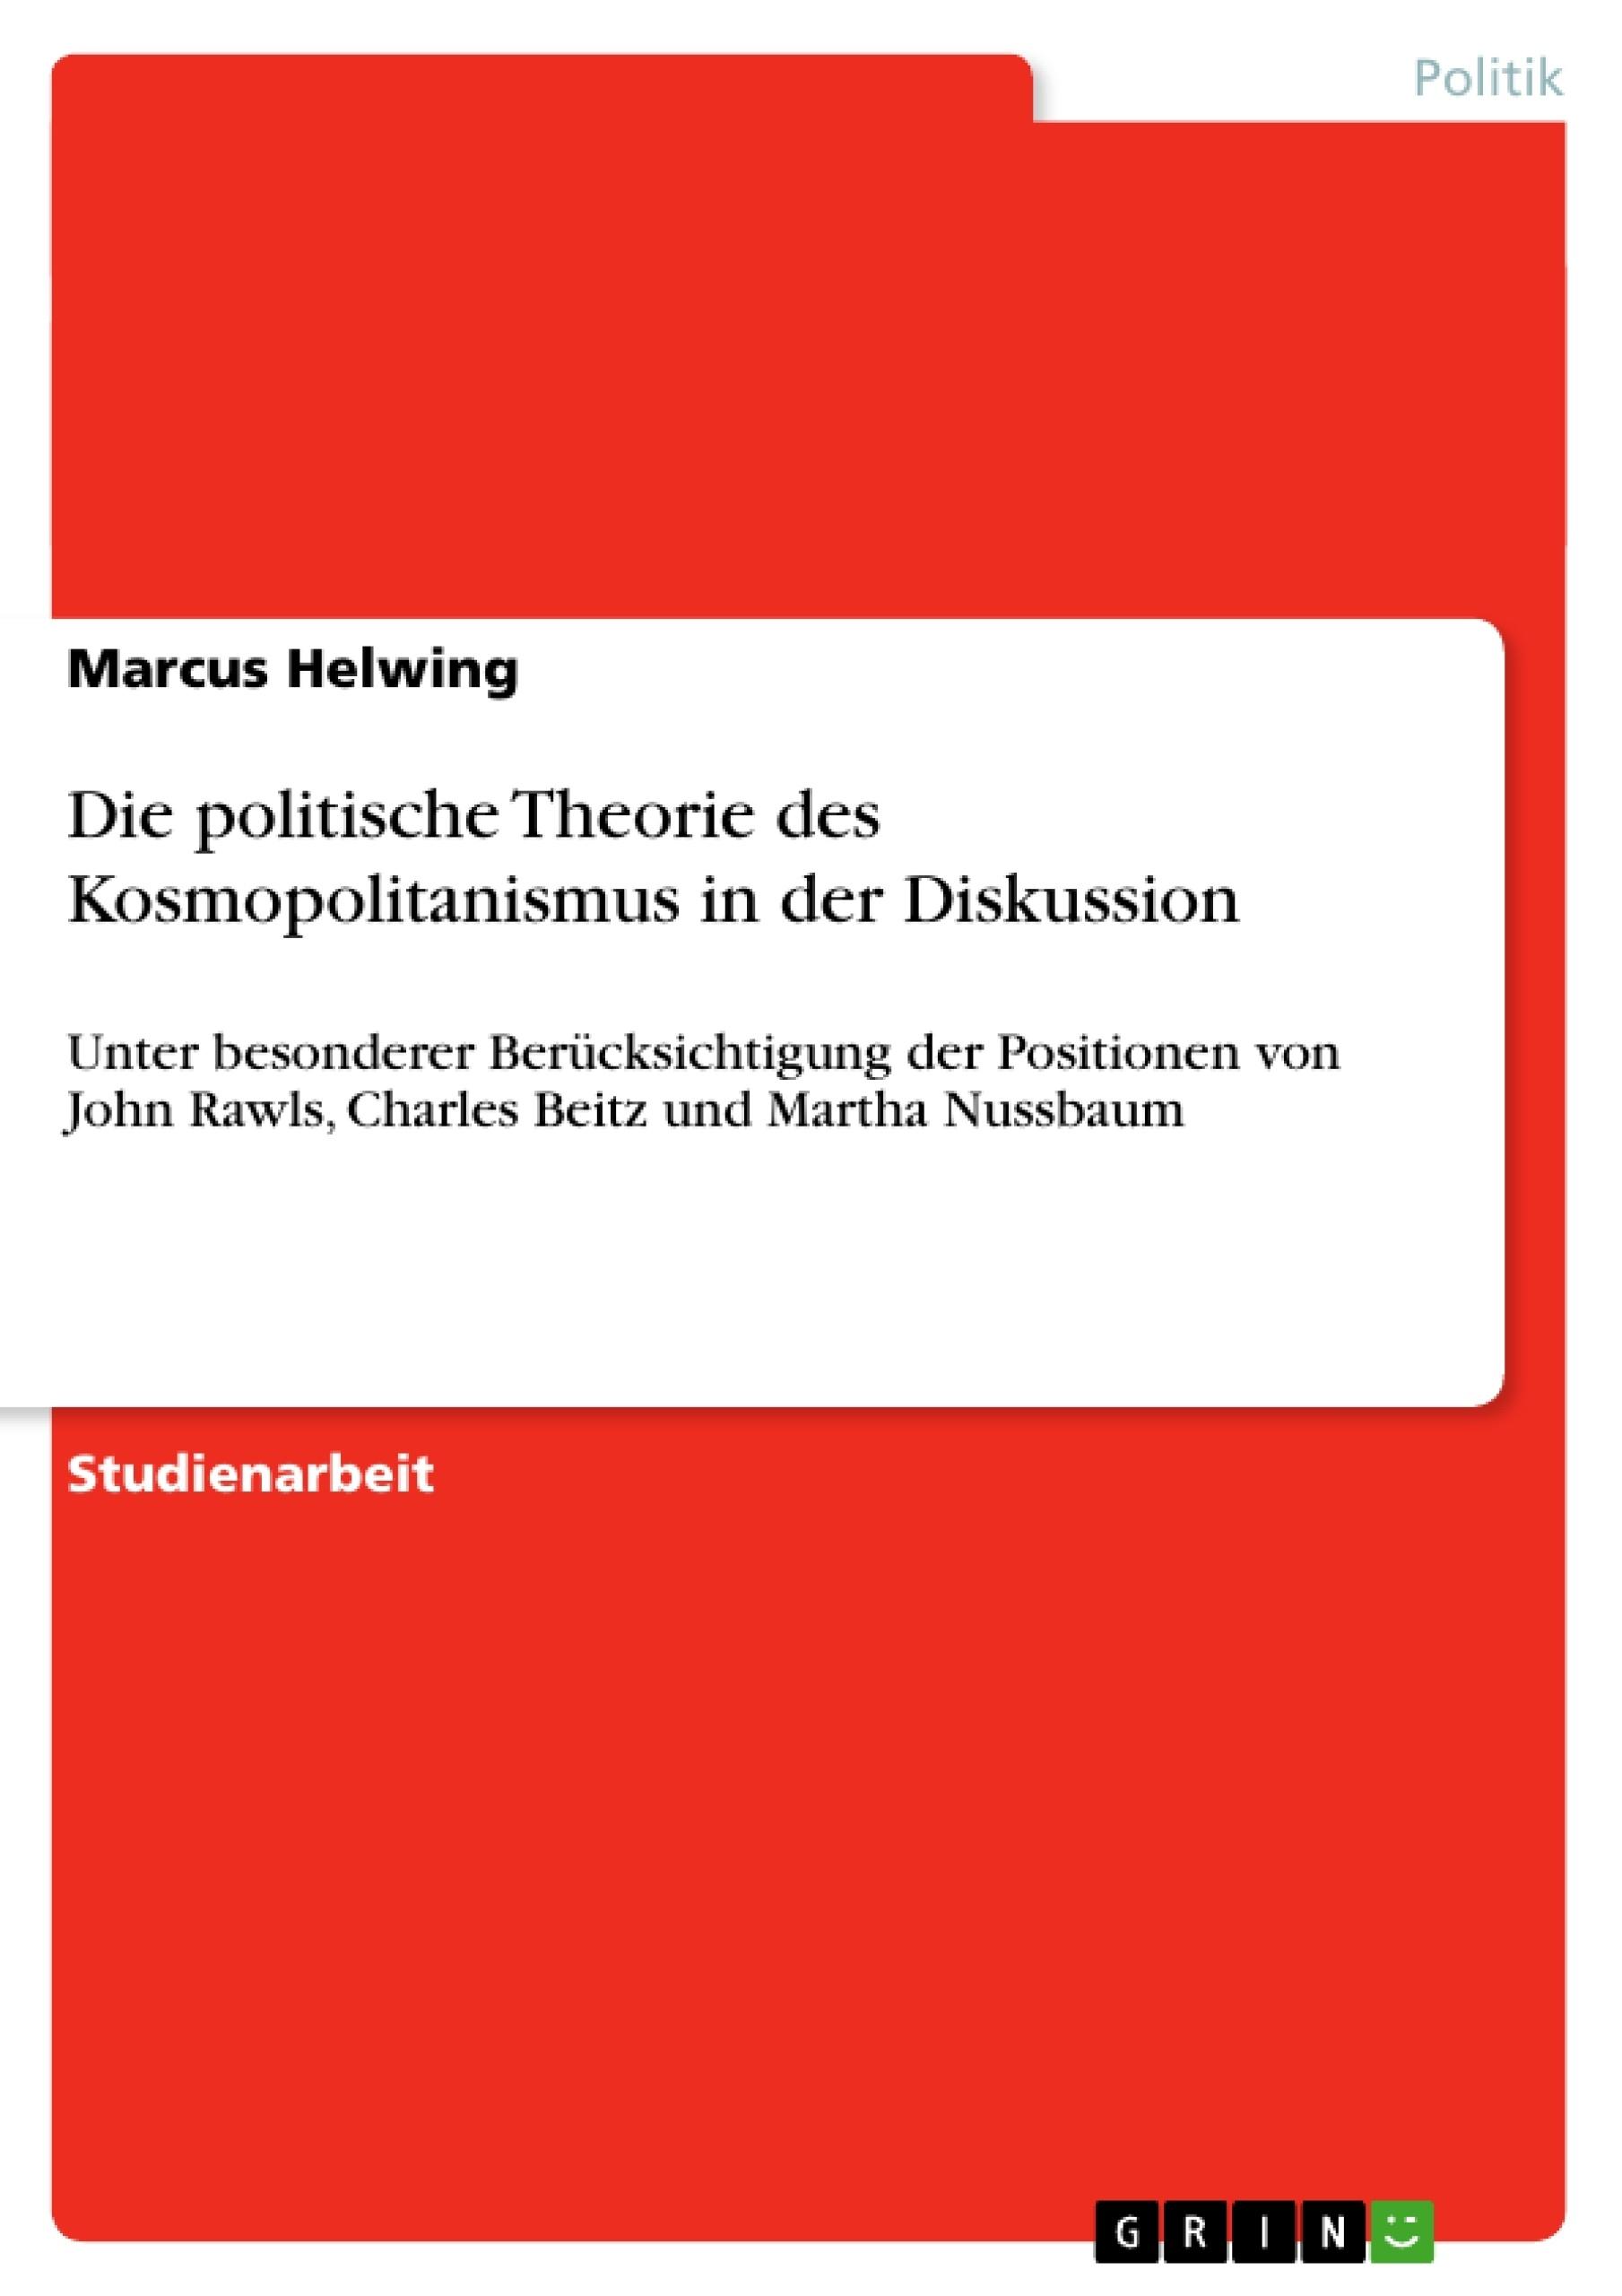 Titel: Die politische Theorie des Kosmopolitanismus in der Diskussion